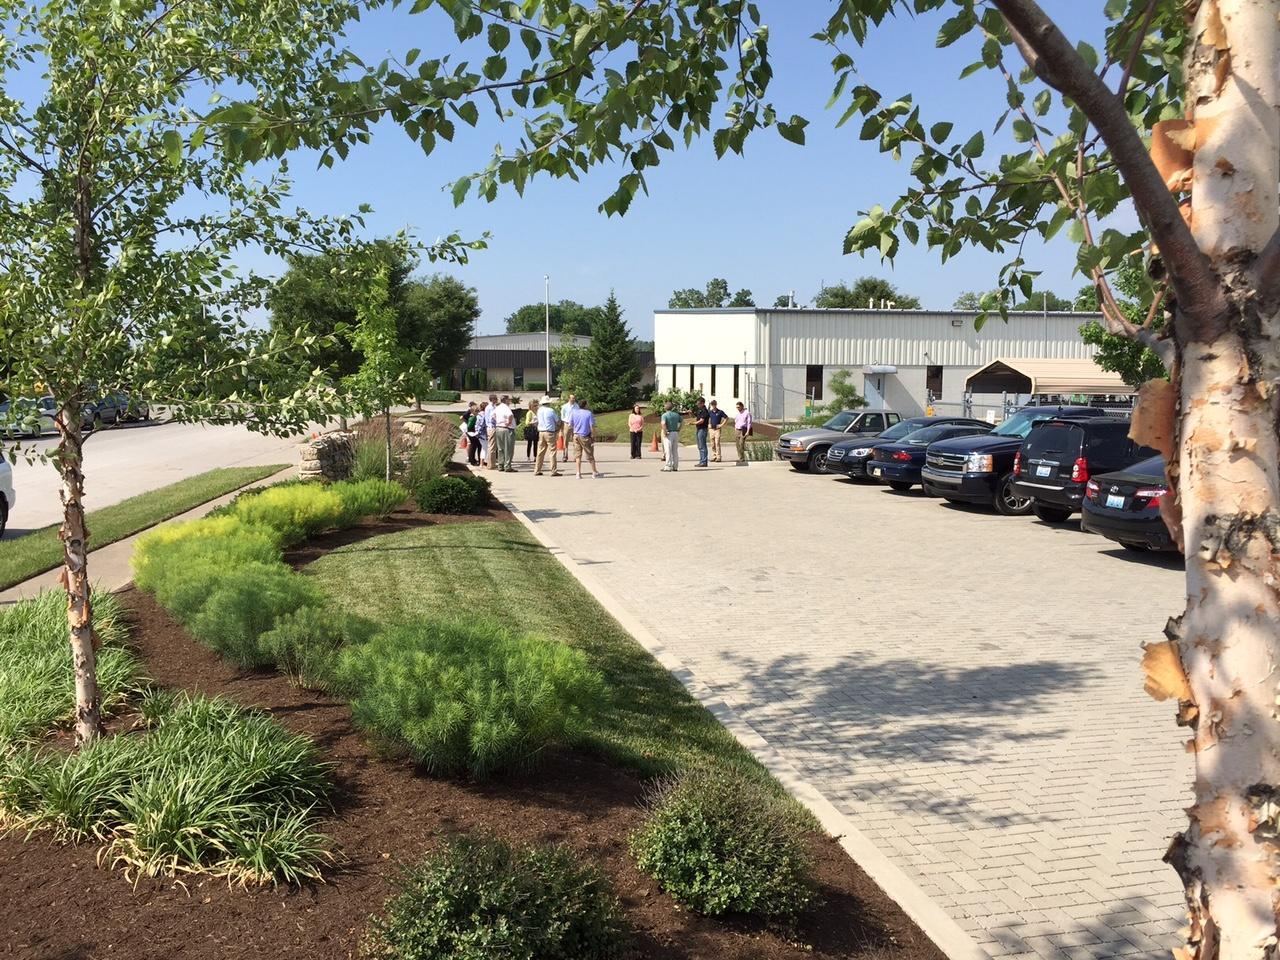 permeable paver parking lot